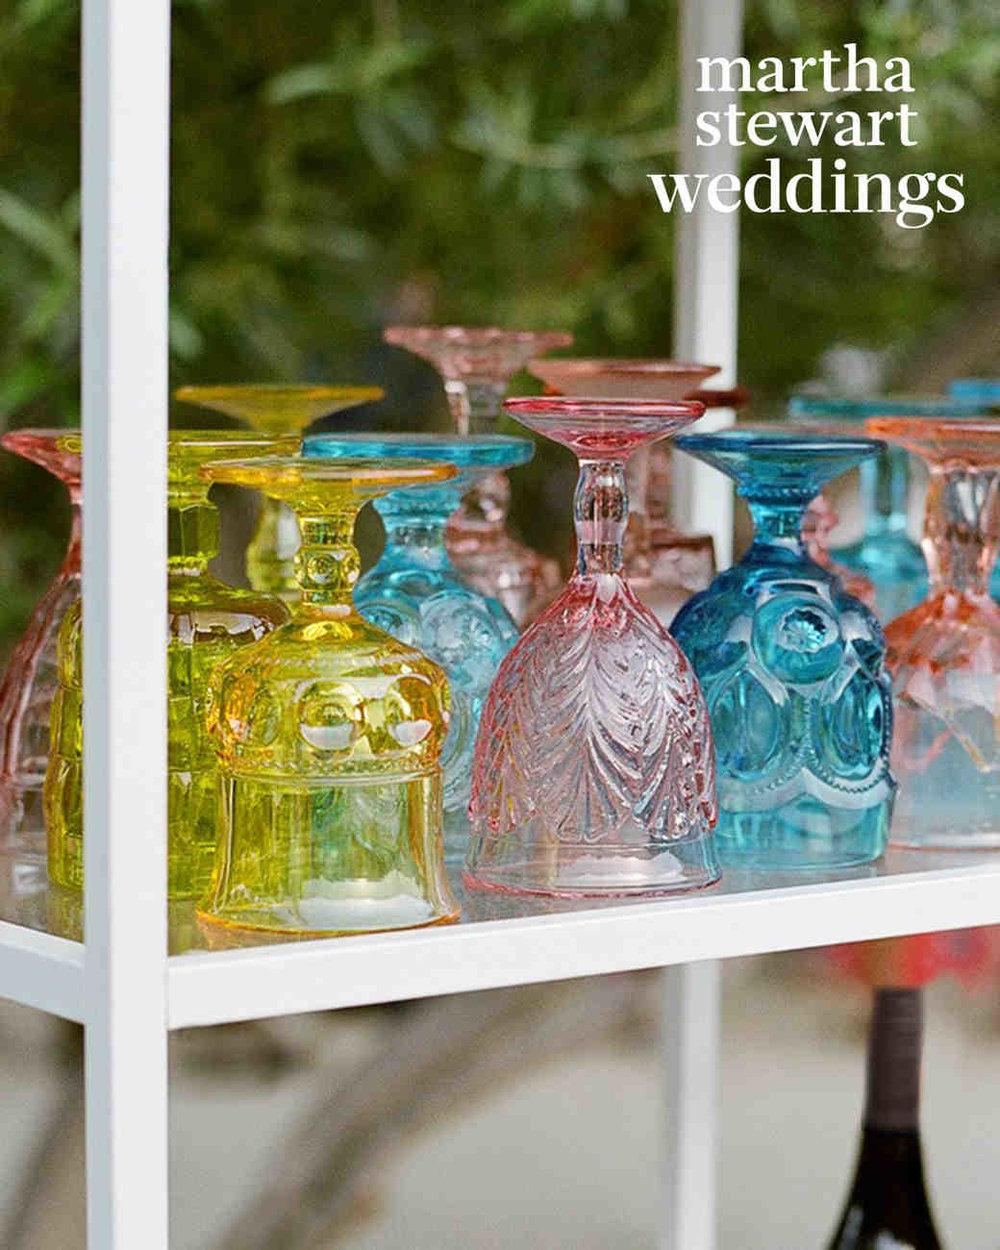 samira-wiley-lauren-morelli-wedding-glassware-245-6328713-103018698_vert.jpg